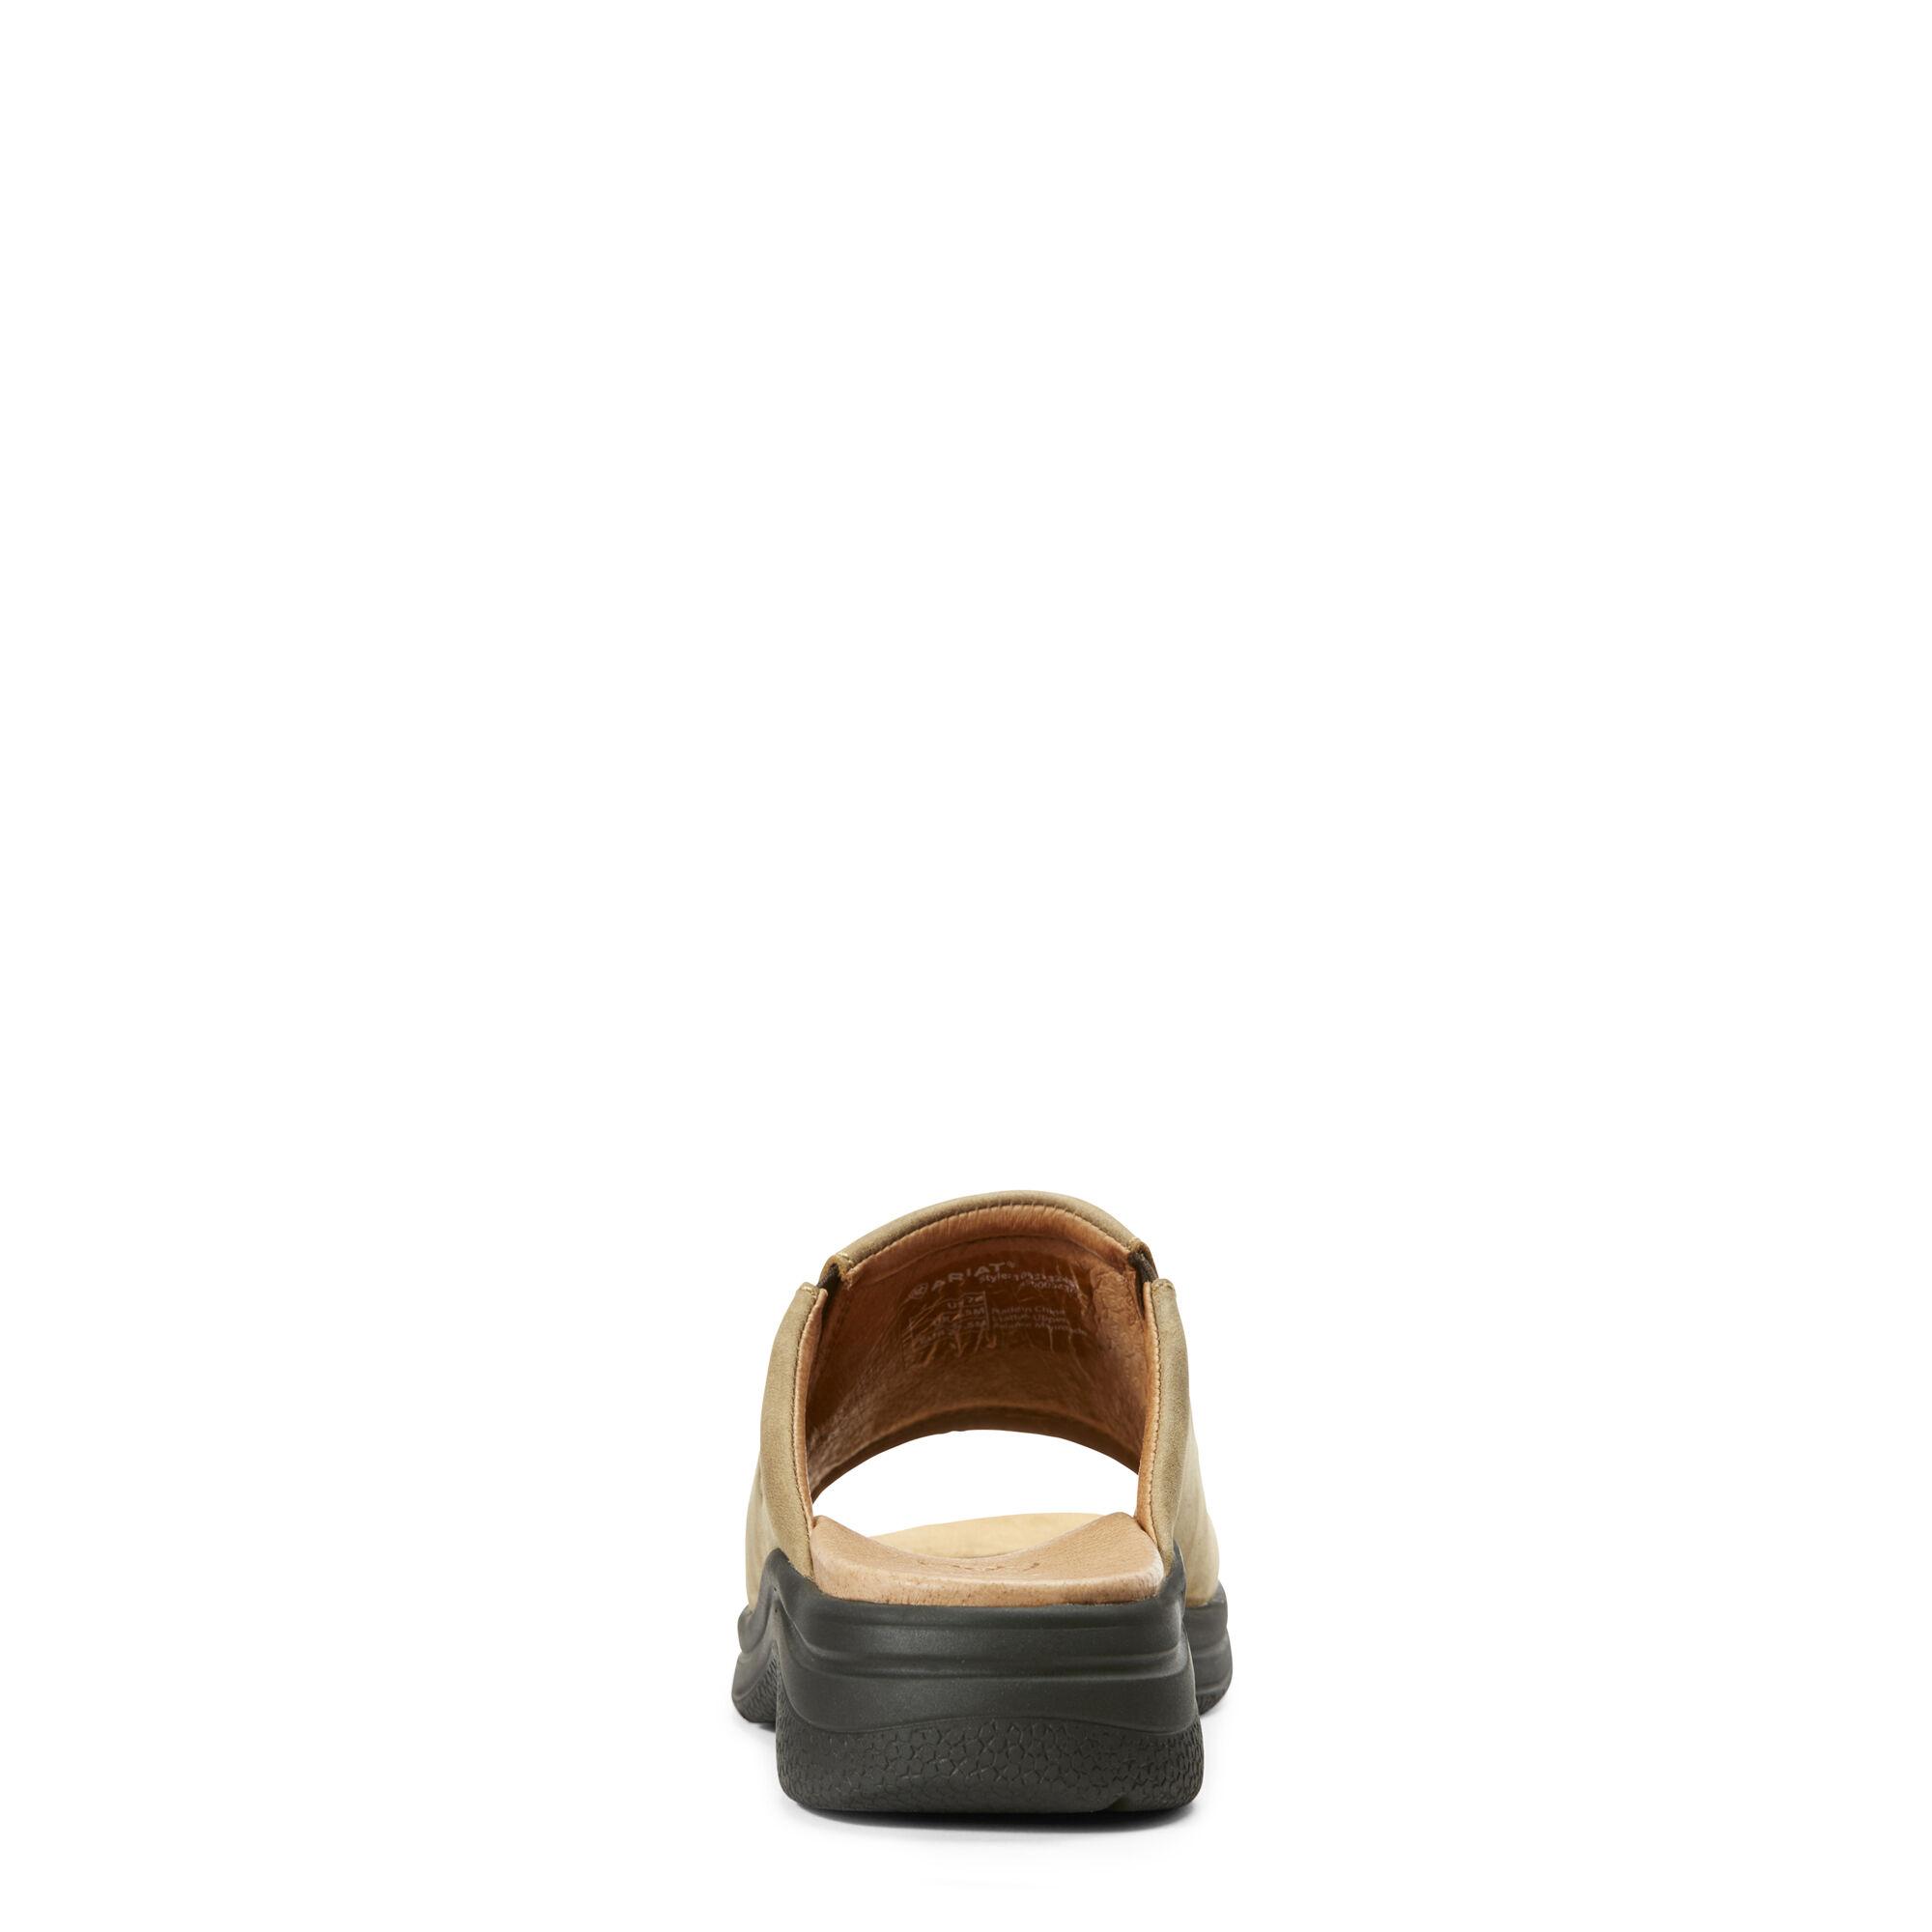 a61c5ce60b12 Bridgeport Sandals